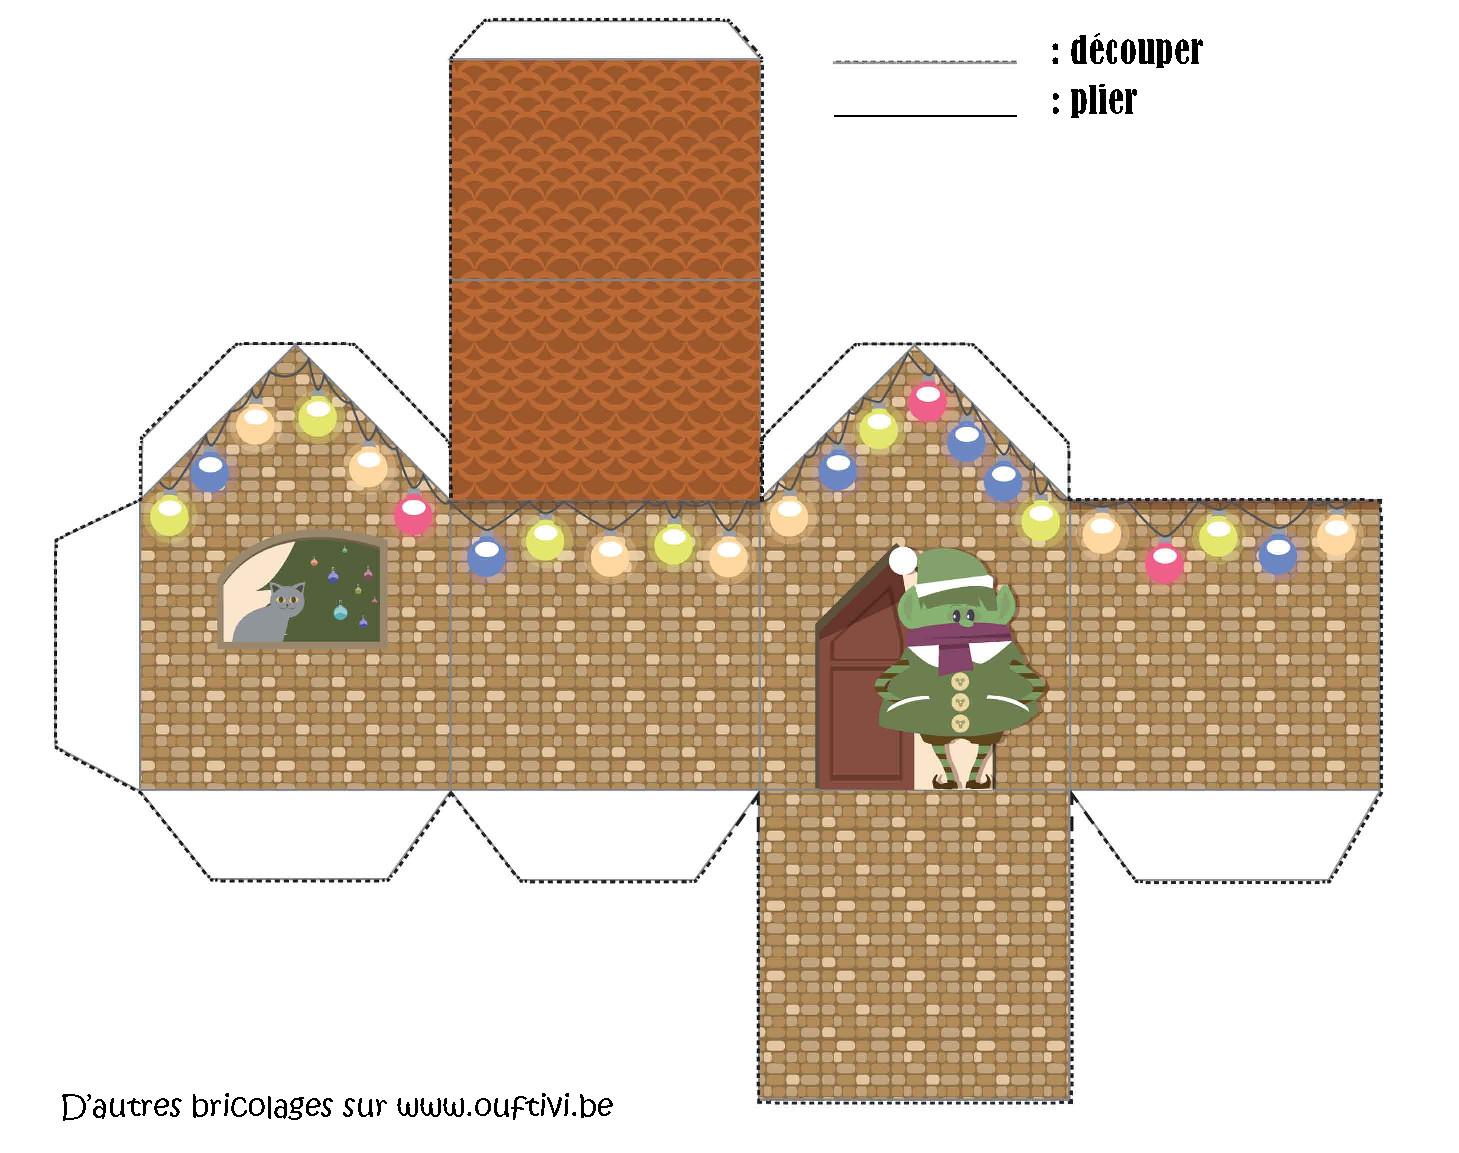 Bricolage - Maison De Noël 1 - Ouftivi intérieur Bricolage À Imprimer Gratuit